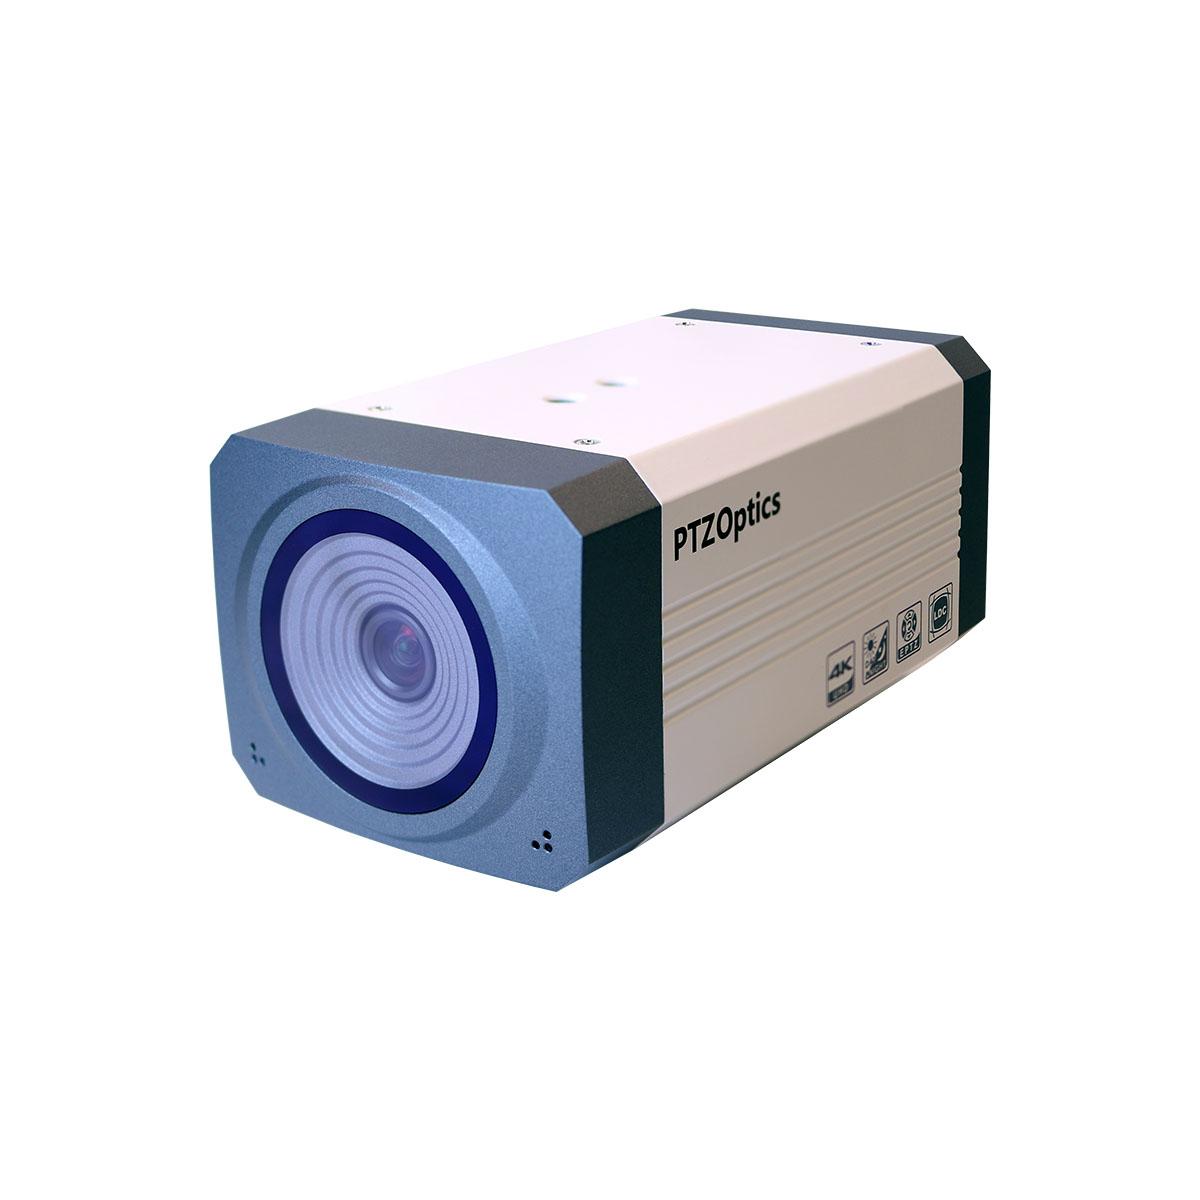 ePTZ Video Cameras